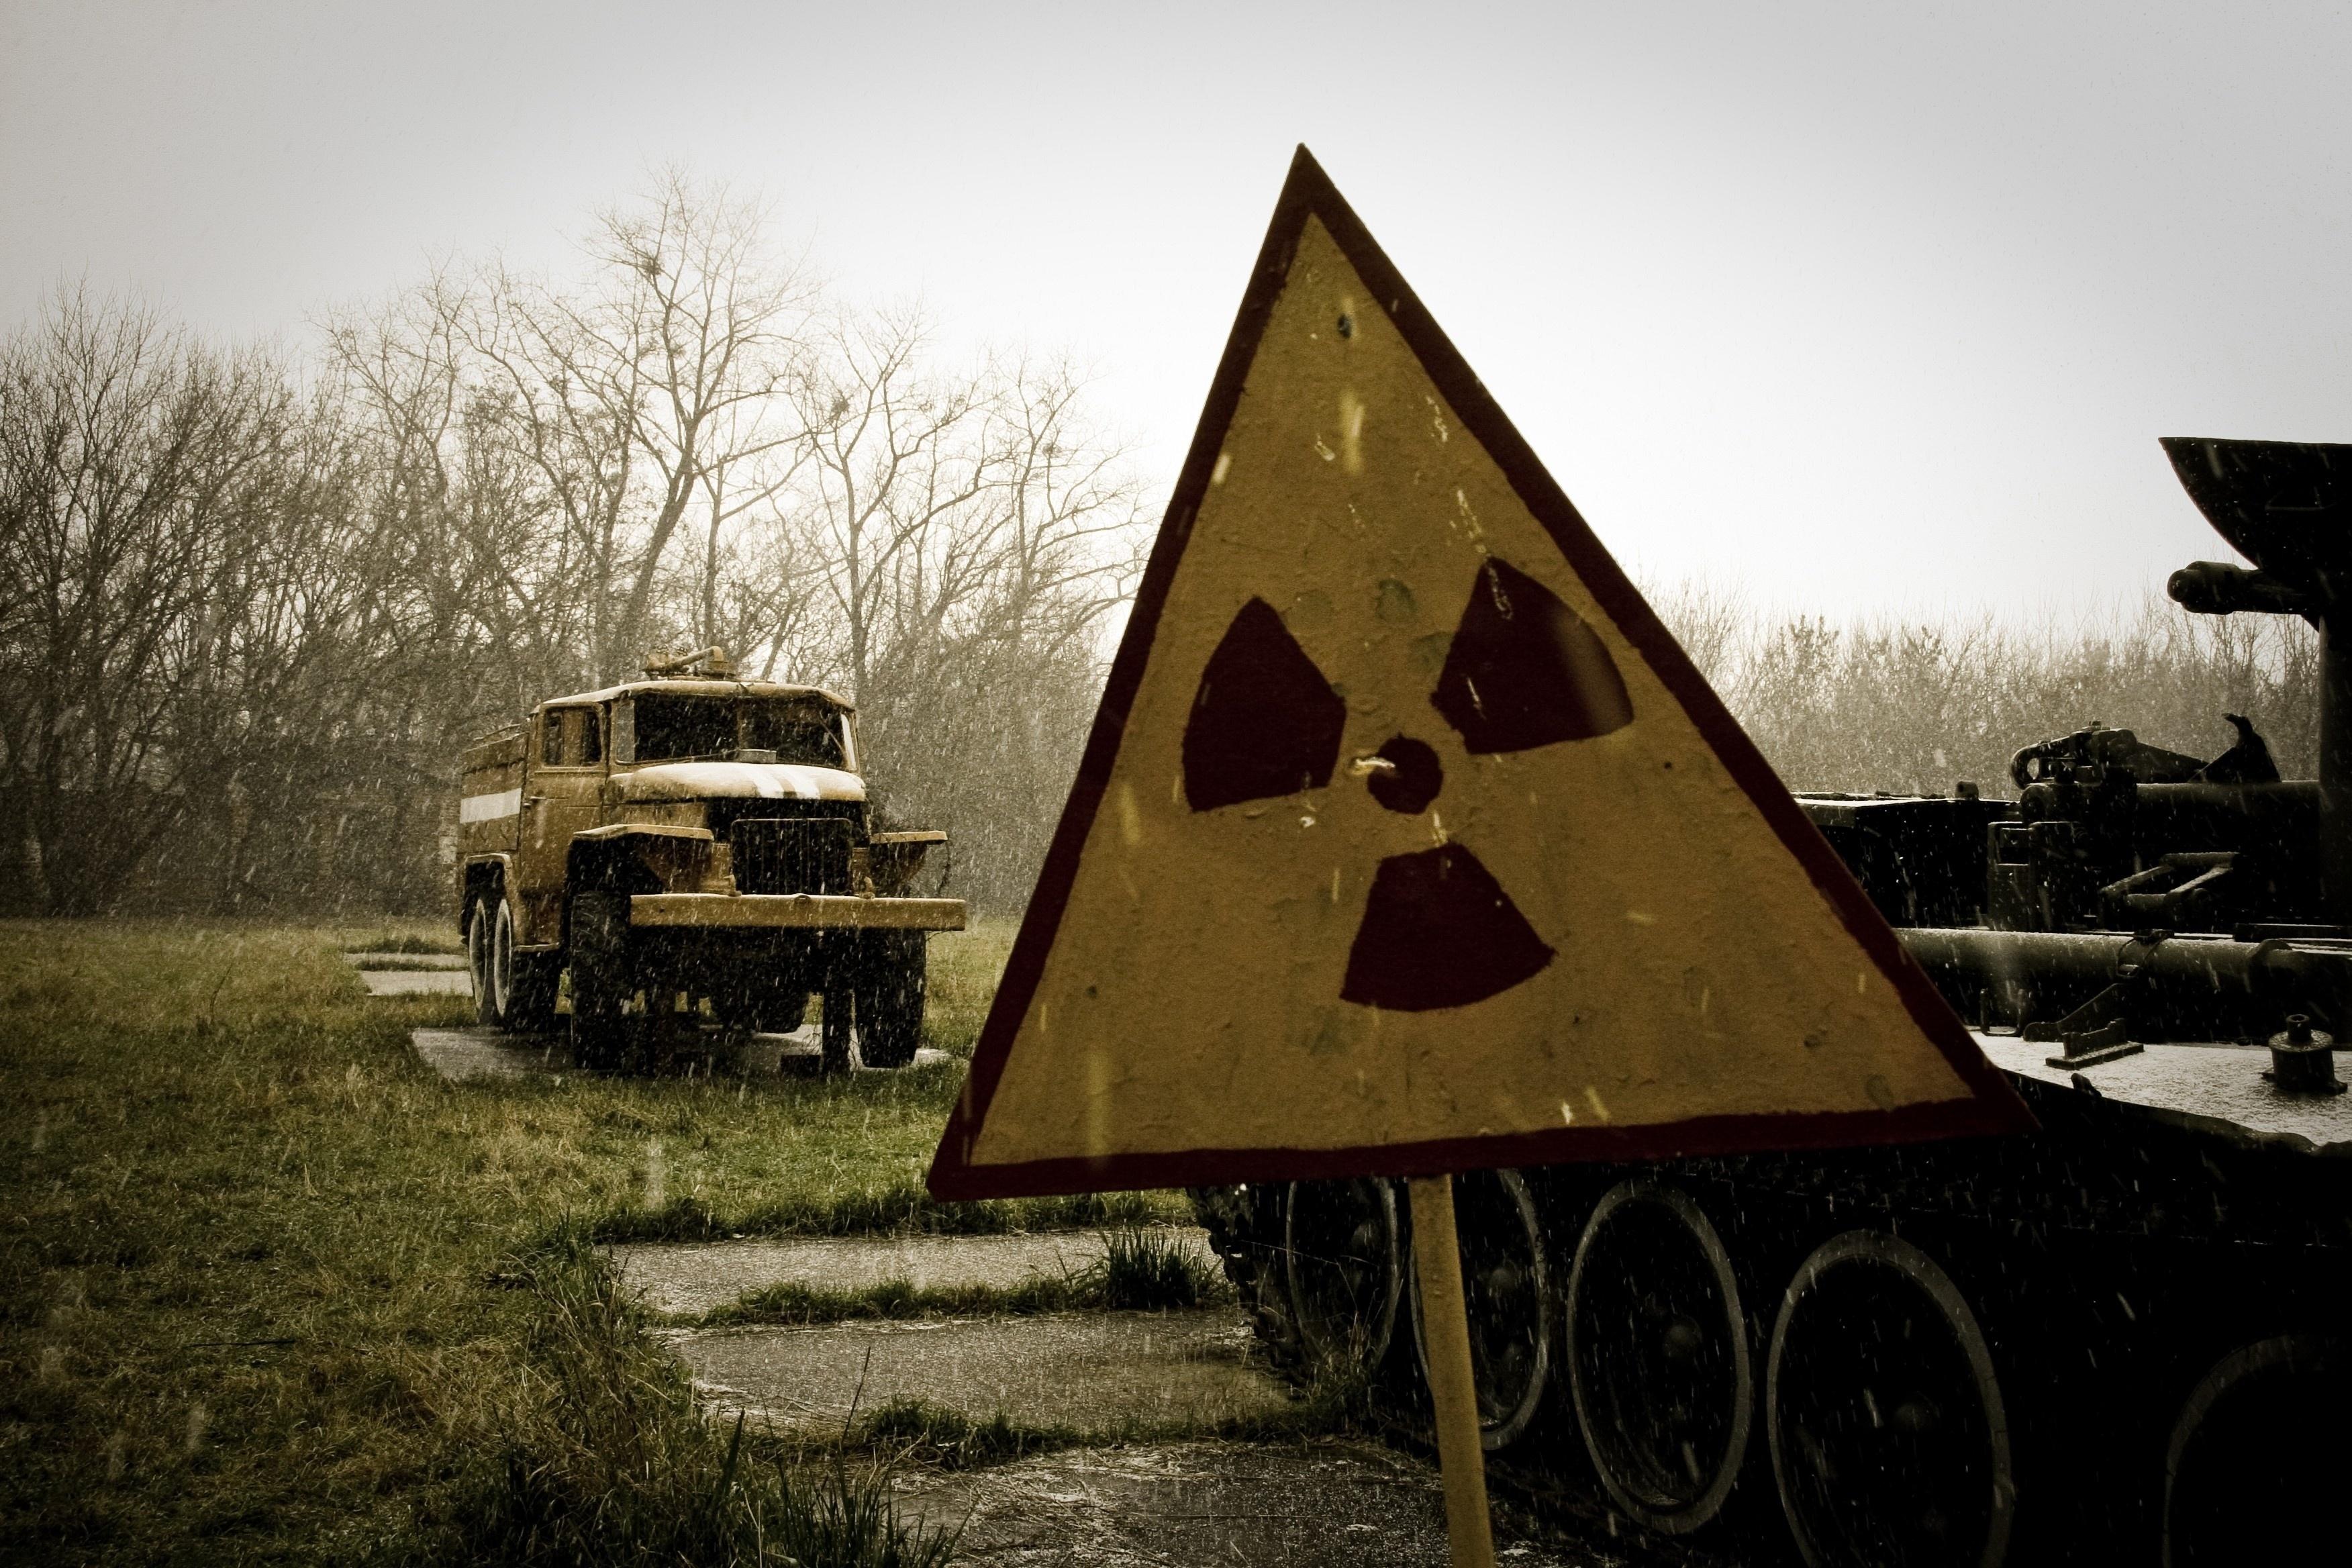 Ядерные эксперименты власти: что стоит за ЧП на АЭС и есть ли опасность для населения